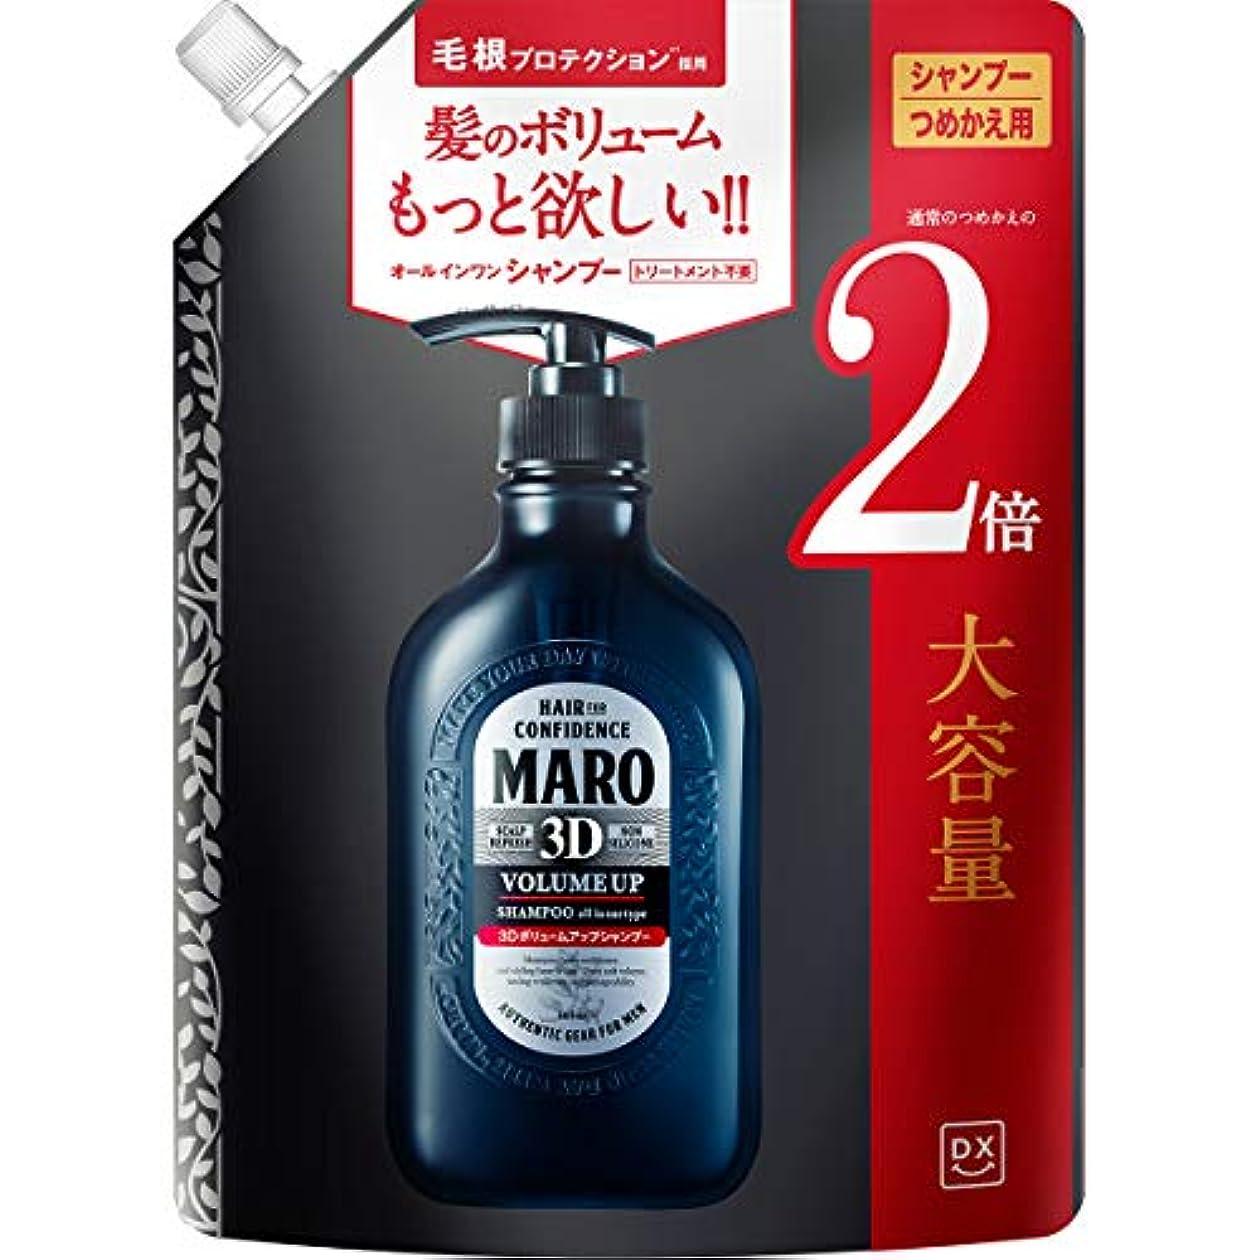 揃える帽子剃る[Amazon限定ブランド]MARO DX 3Dボリュームアップ シャンプー EX 詰め替え 2倍 760ml